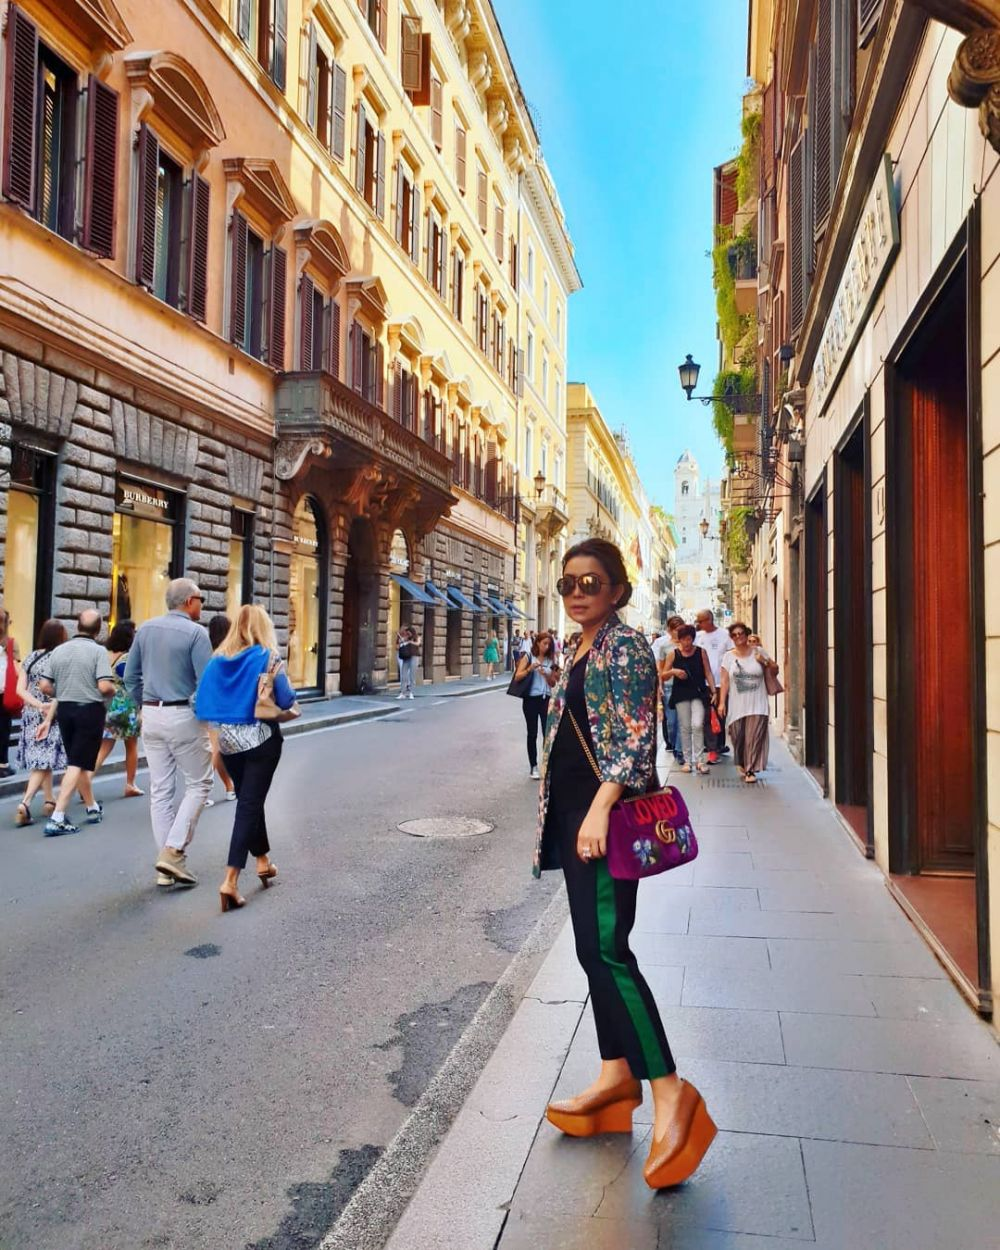 gaya mayangsari liburan  © 2019 brilio.net